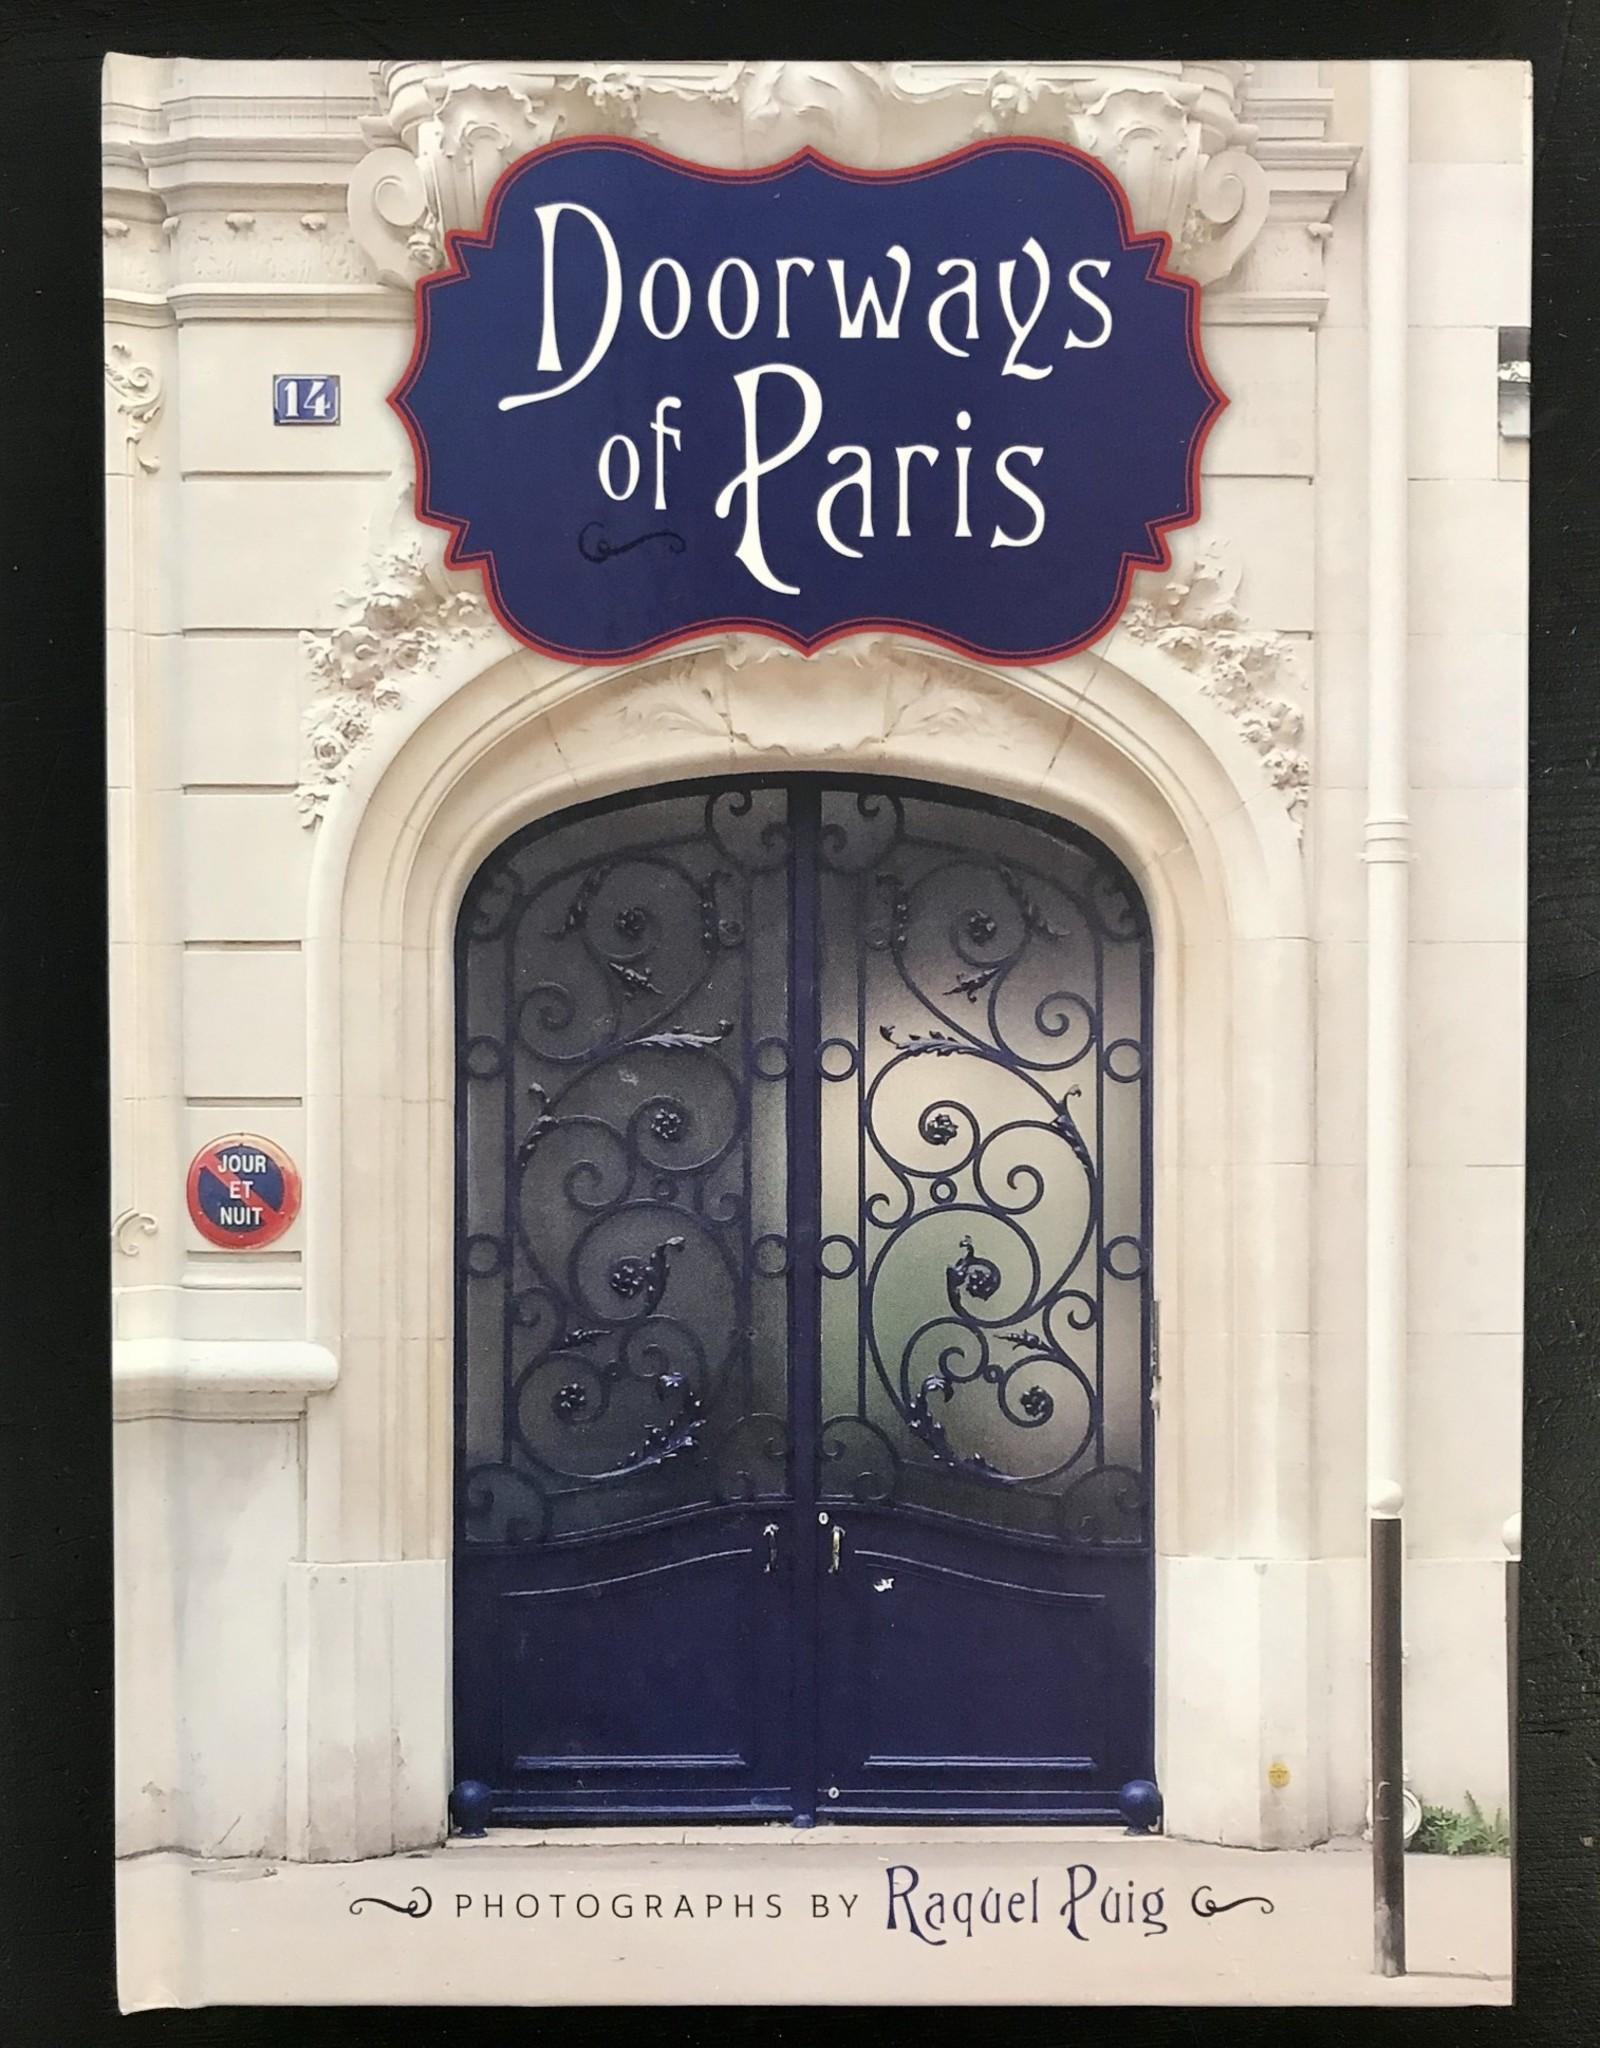 CGDistributors Doorways of Paris - Photographs by Raquel Puig